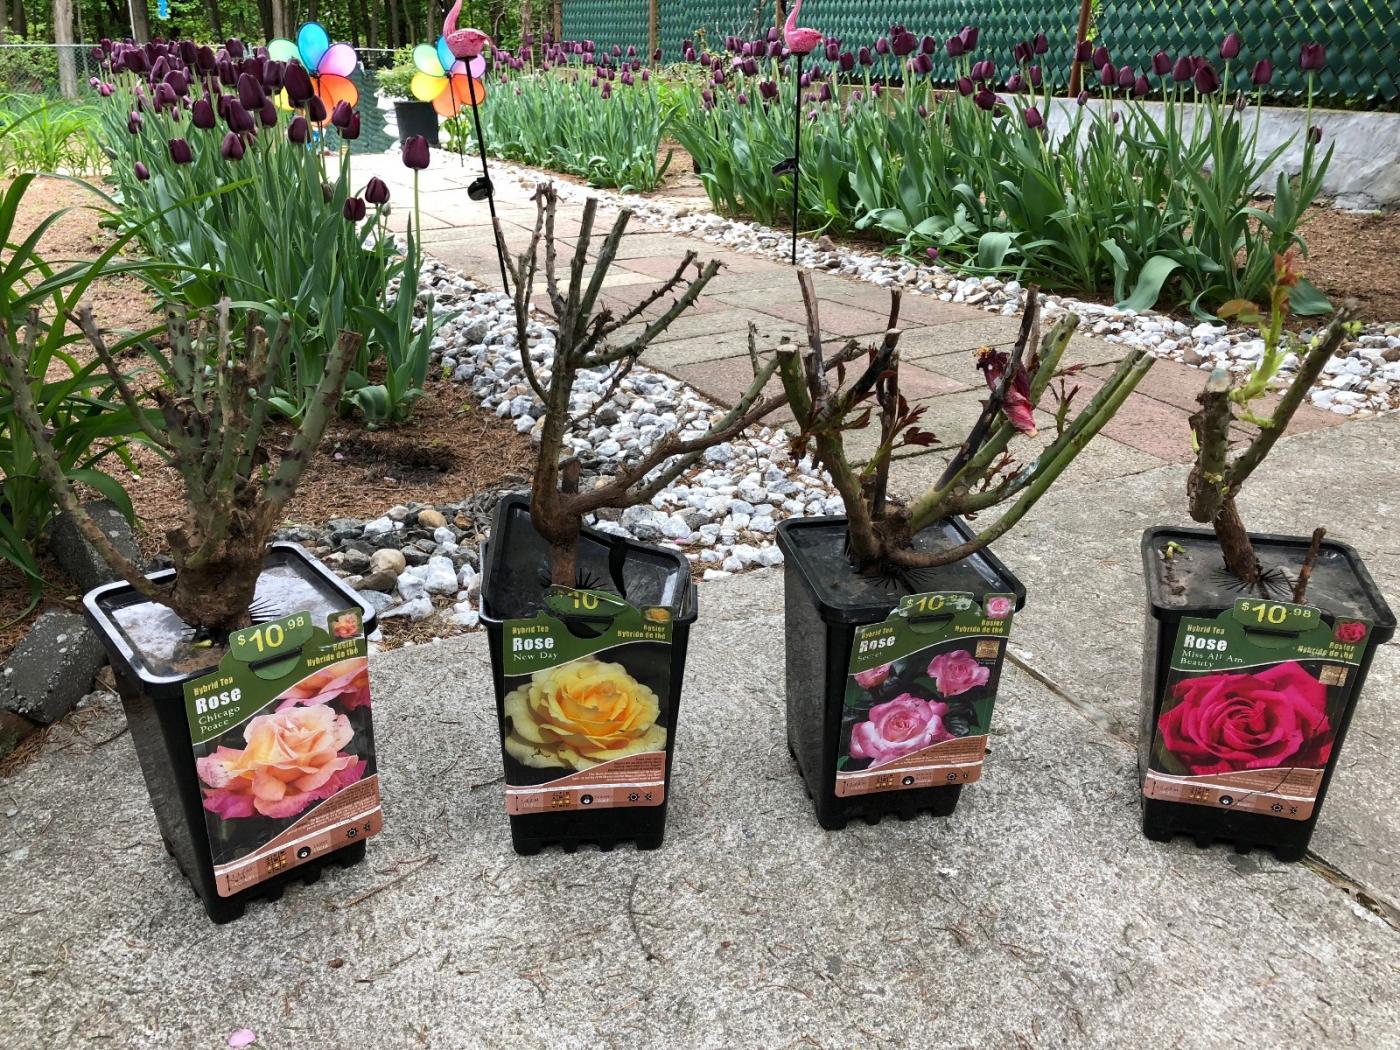 【田螺随拍】分享去THE HOME DEPOT红地铺买花的经验_图1-13